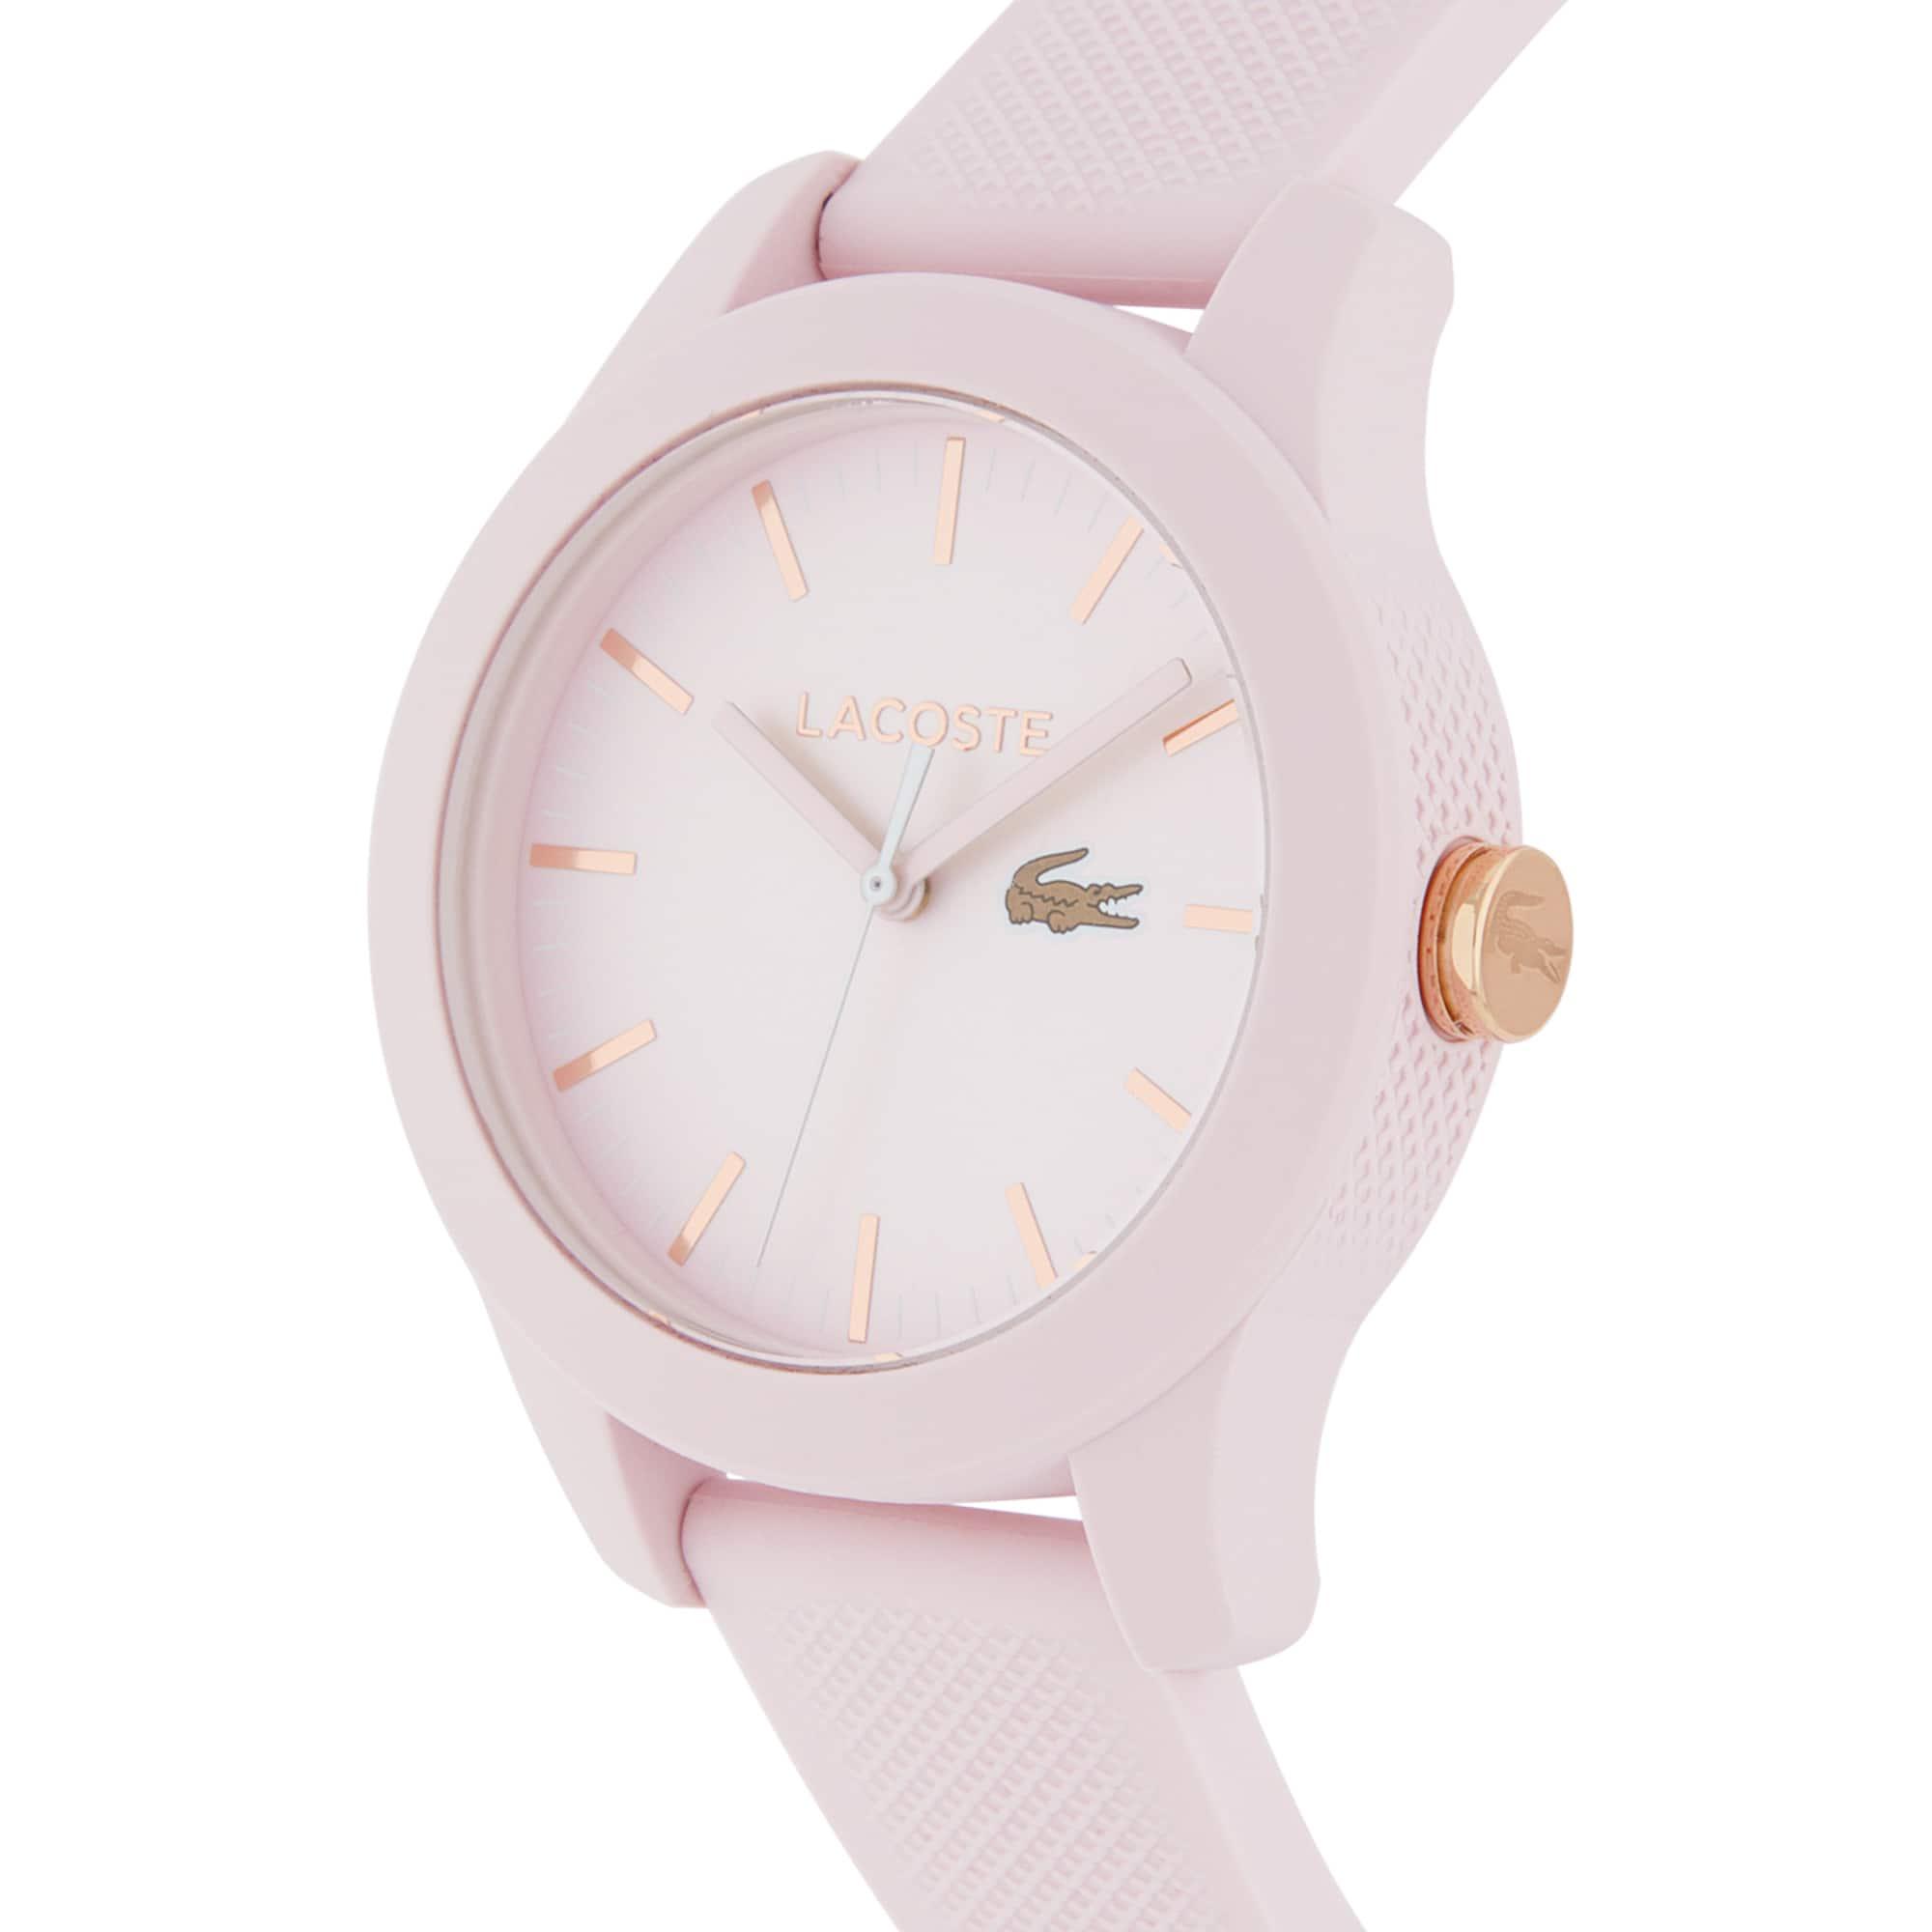 Vrouwen Lacoste 12.12 Horloge met Rozen Siliconen Armband